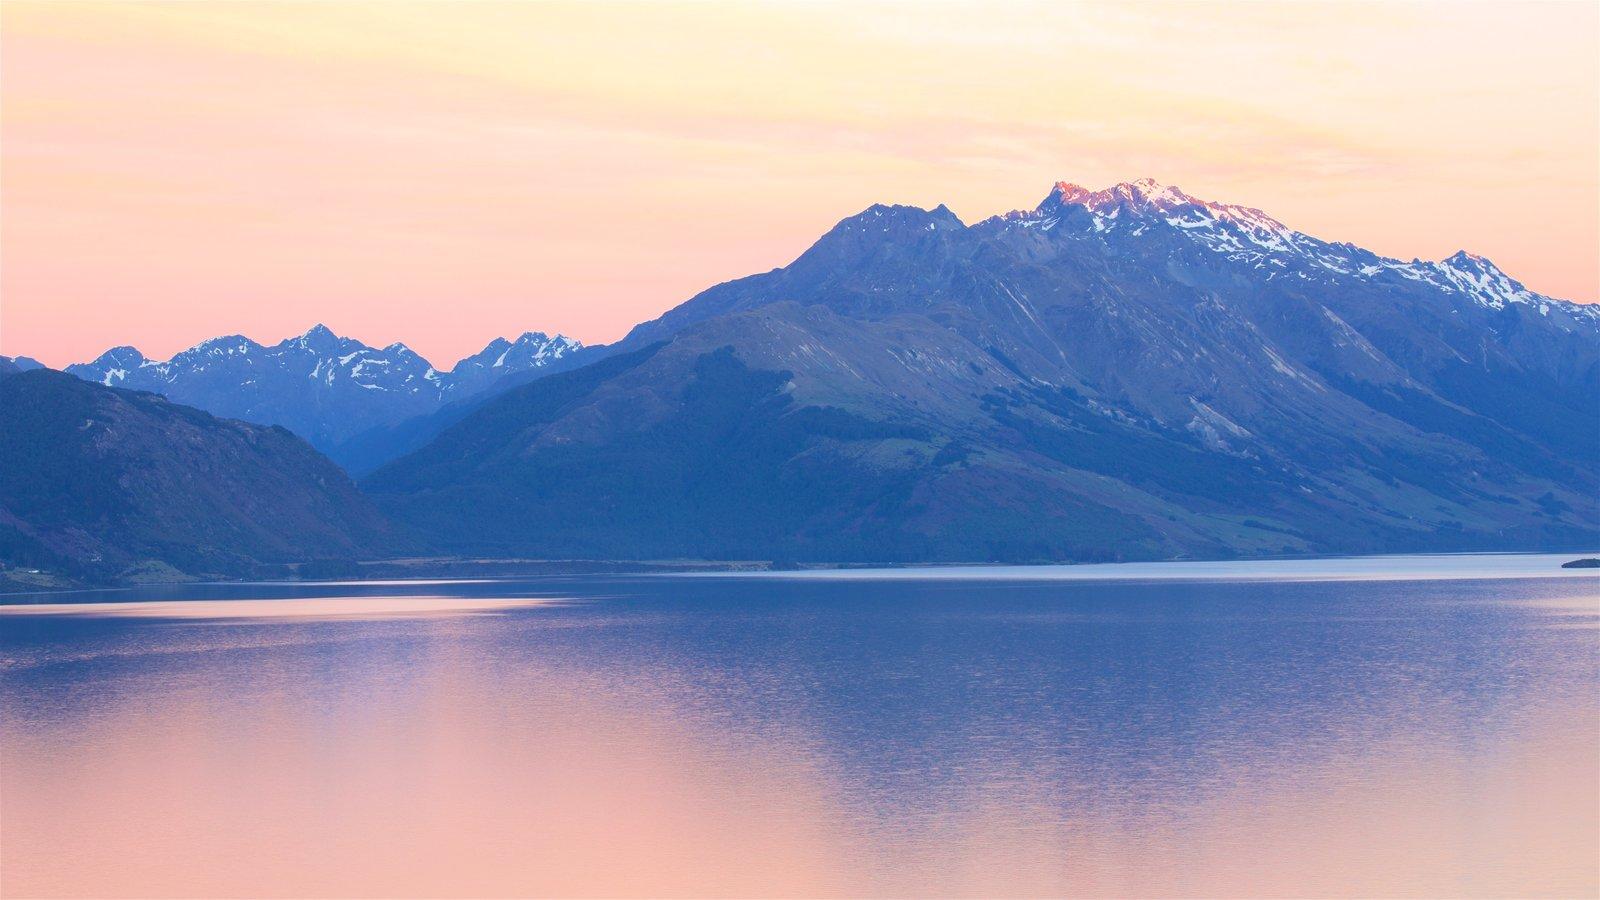 Lake Wakatipu featuring mountains, a lake or waterhole and a sunset